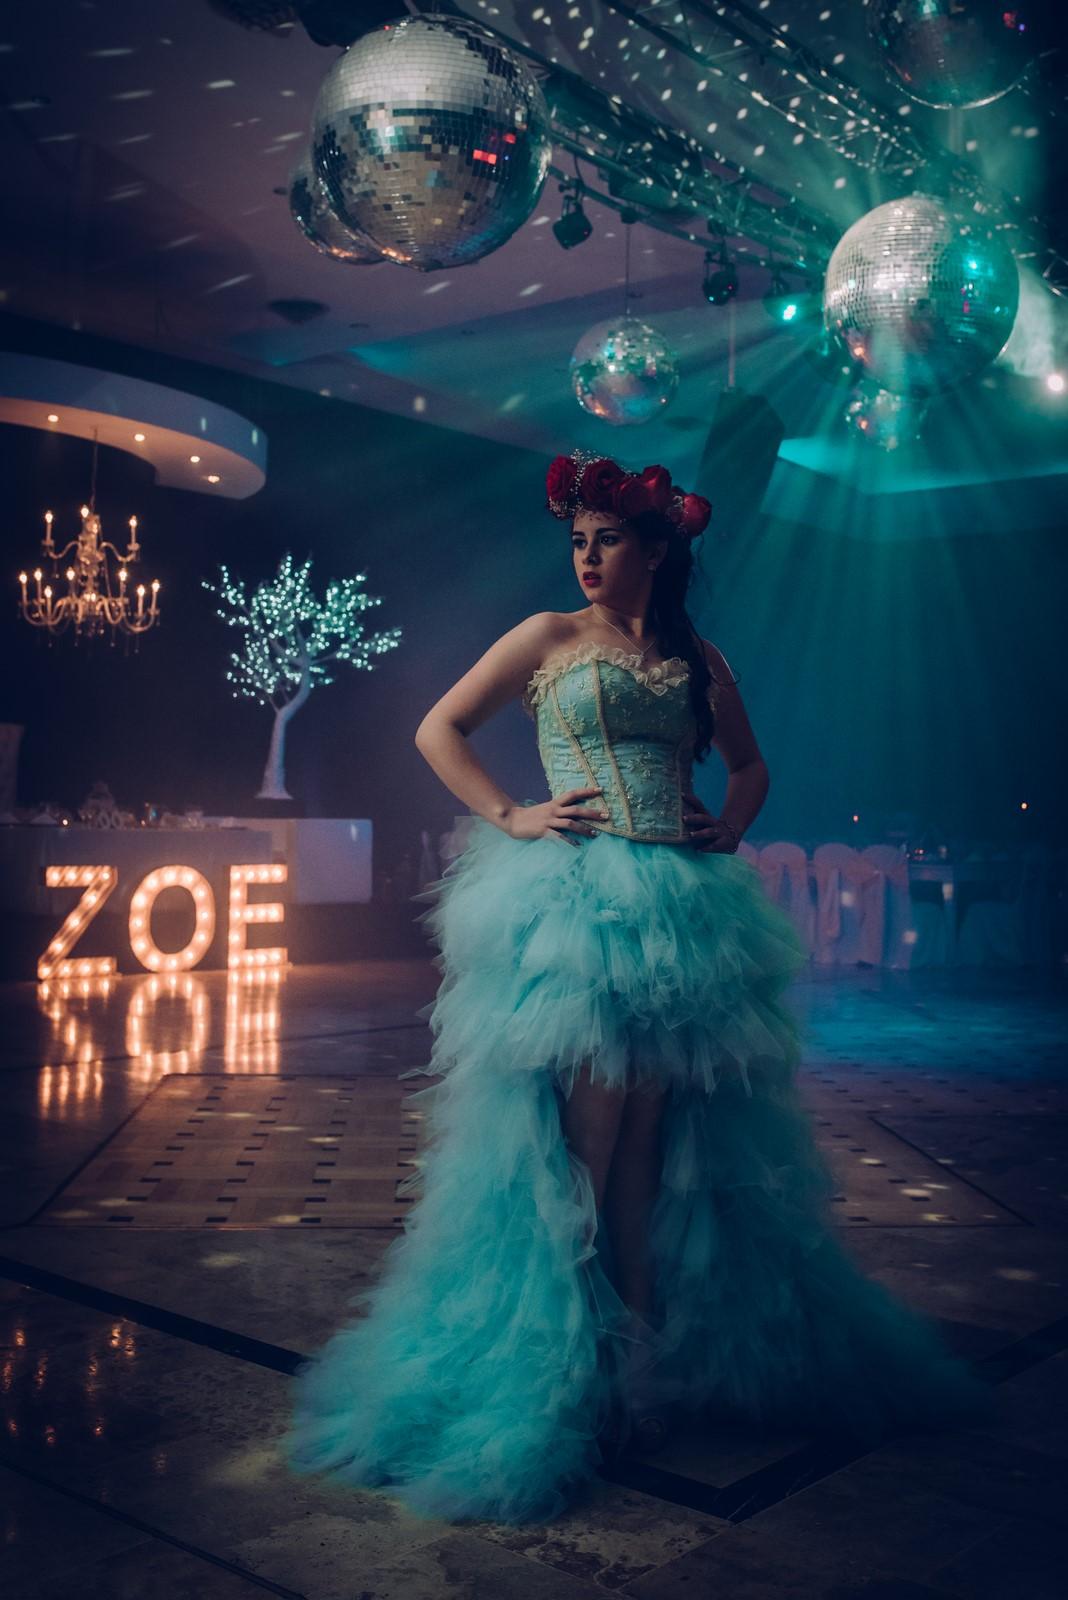 15 Zoe S - 00117 (bj)